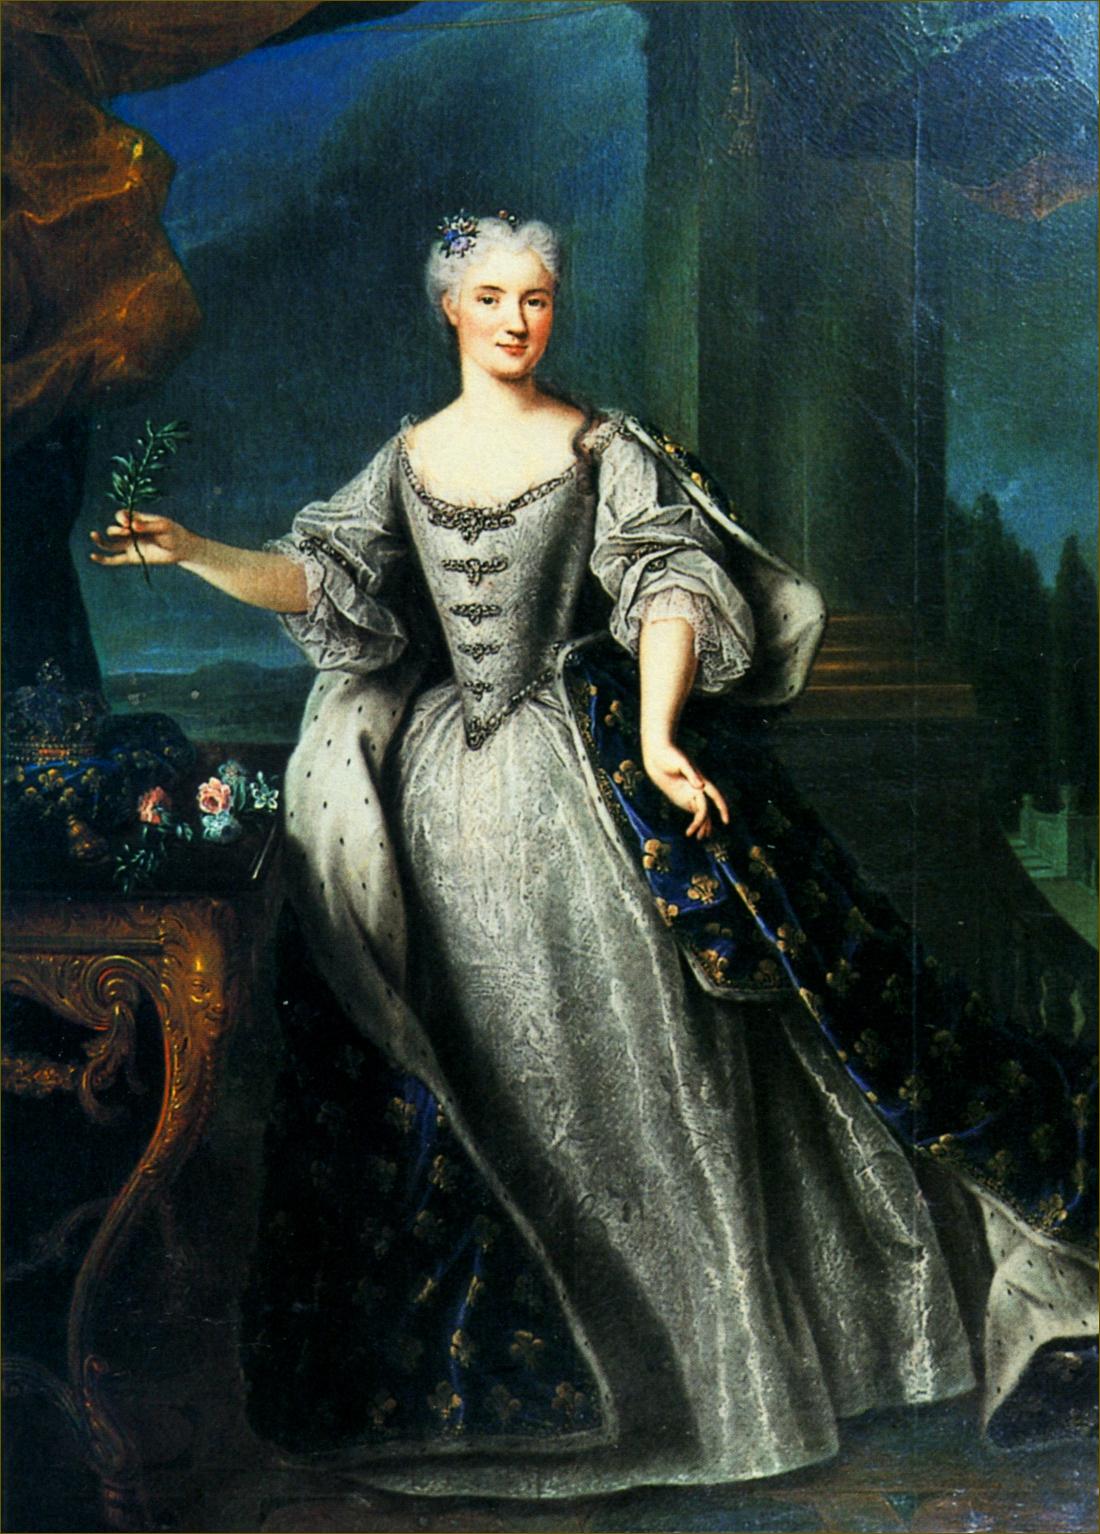 Marie Leczinska, reine de France, à 23 ans, en 1726, par Gobert